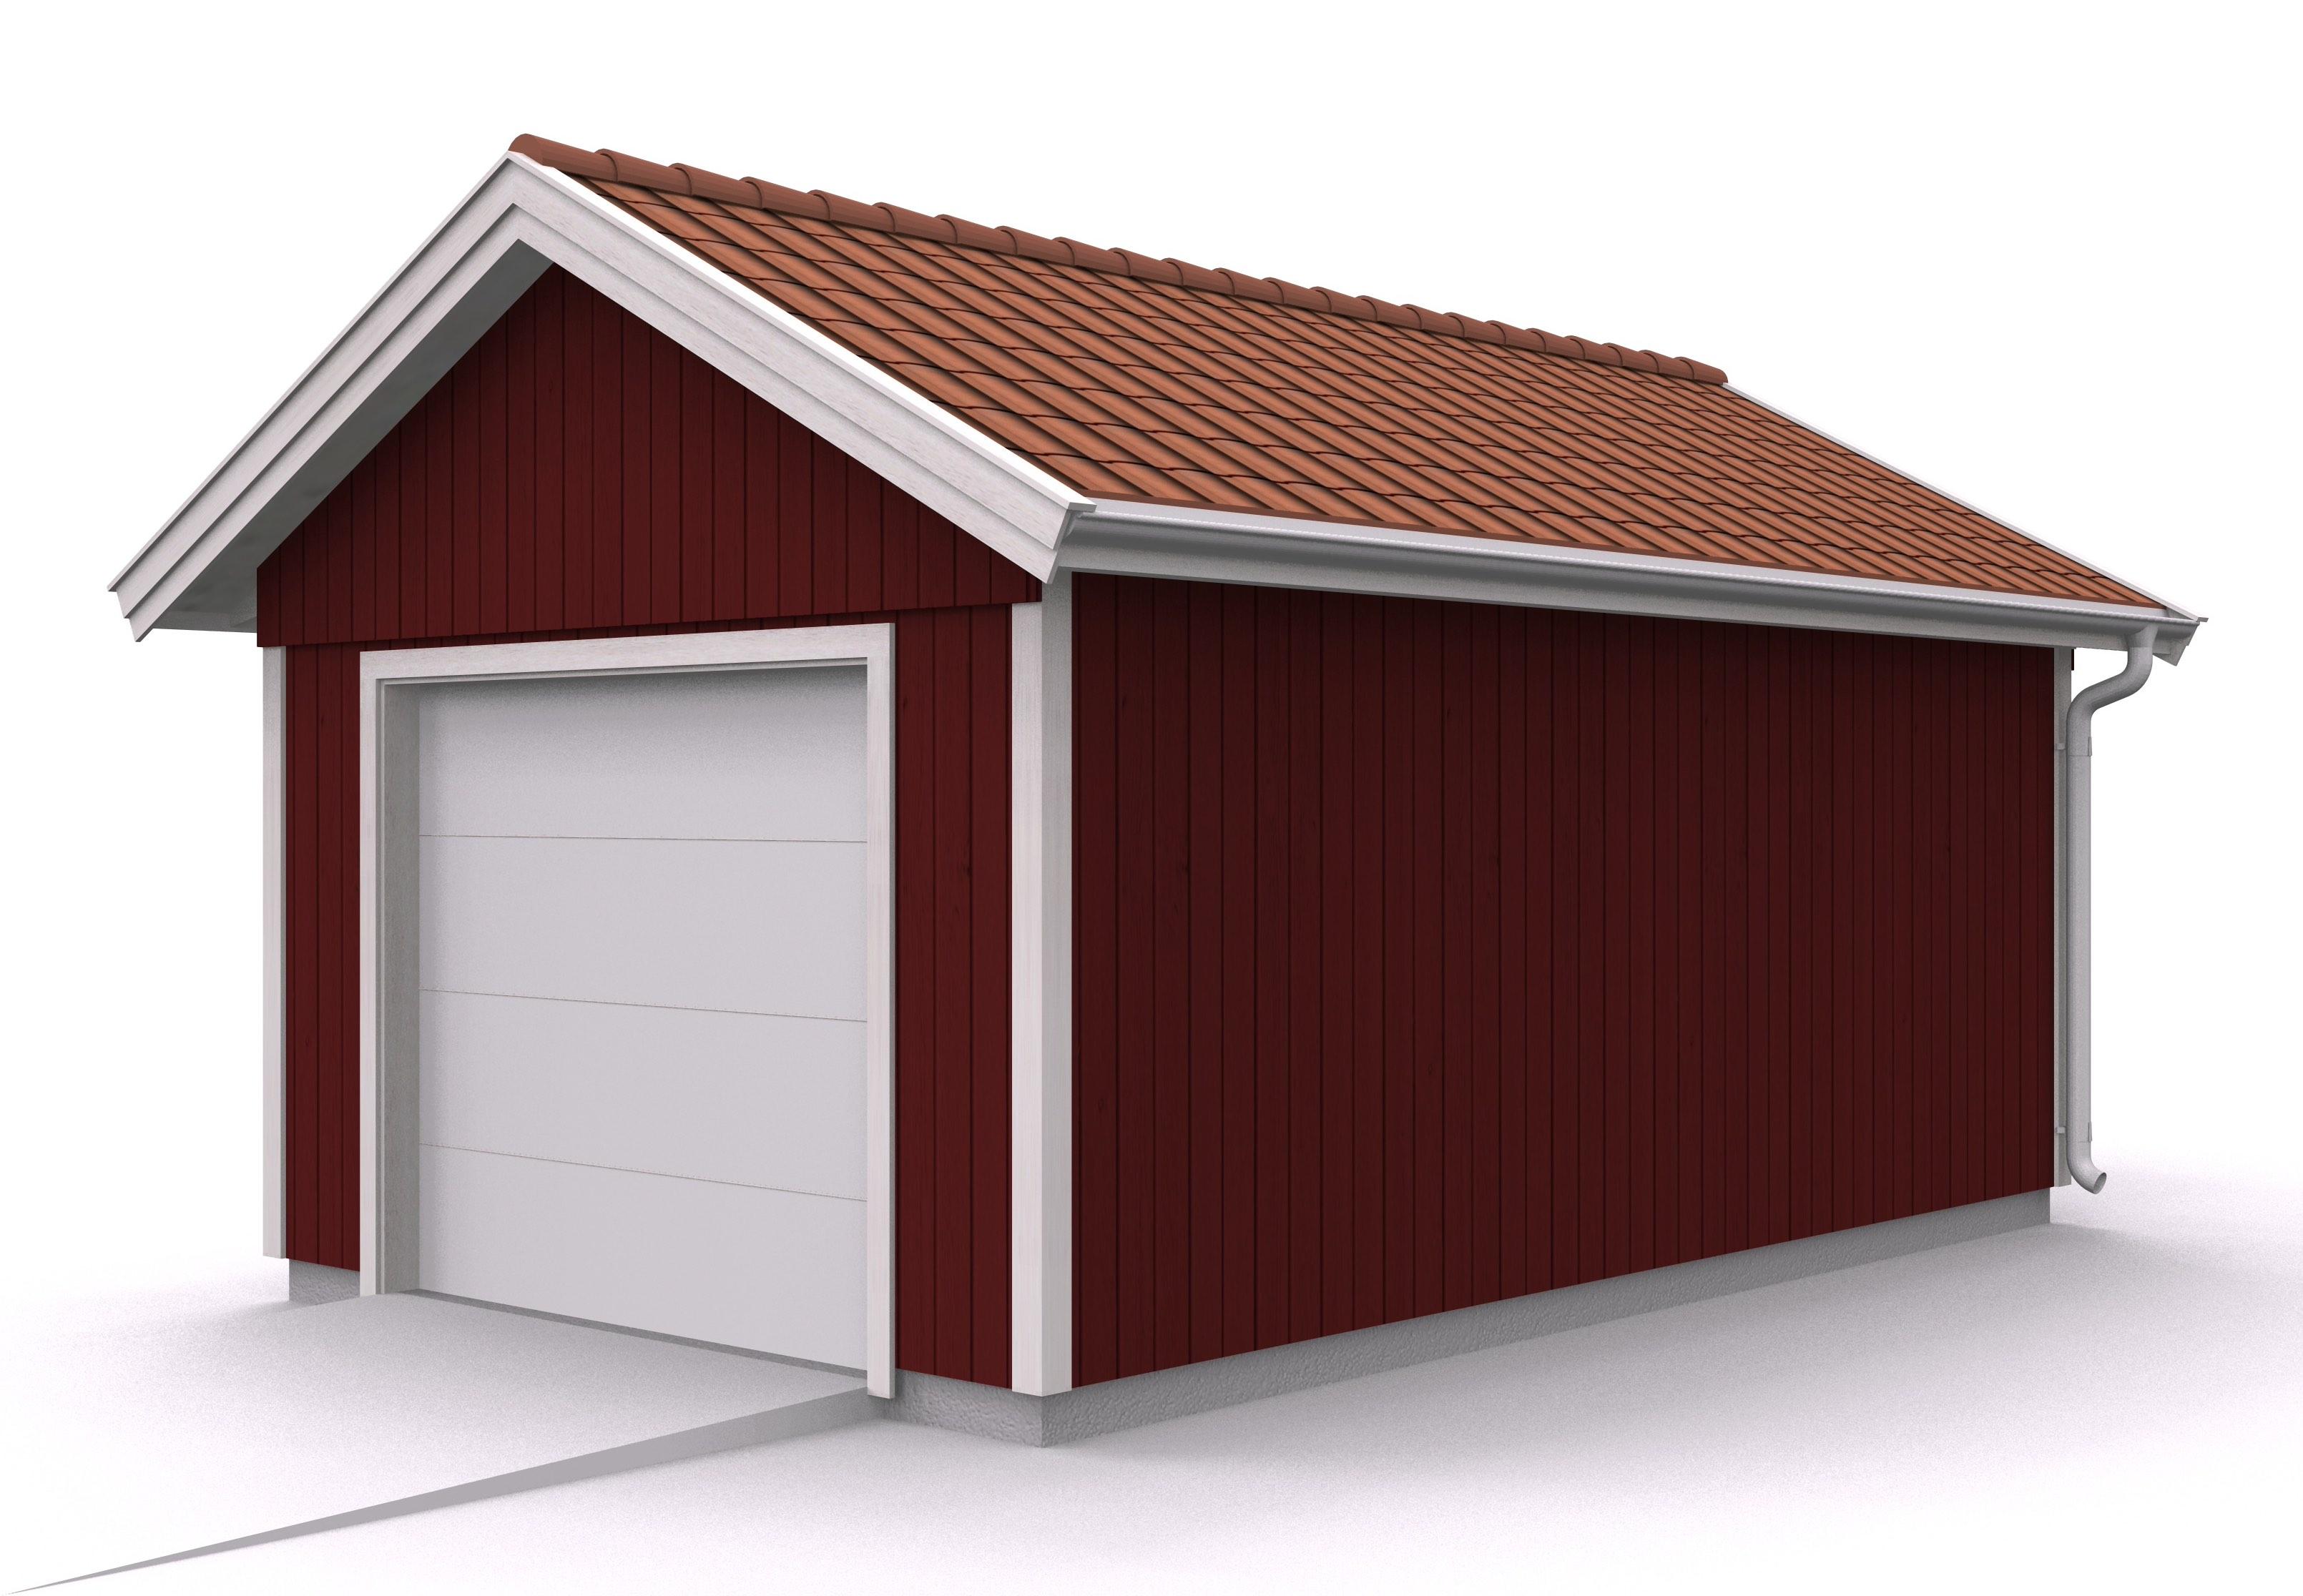 Våra garage - Enkelgarage med saxtakstol